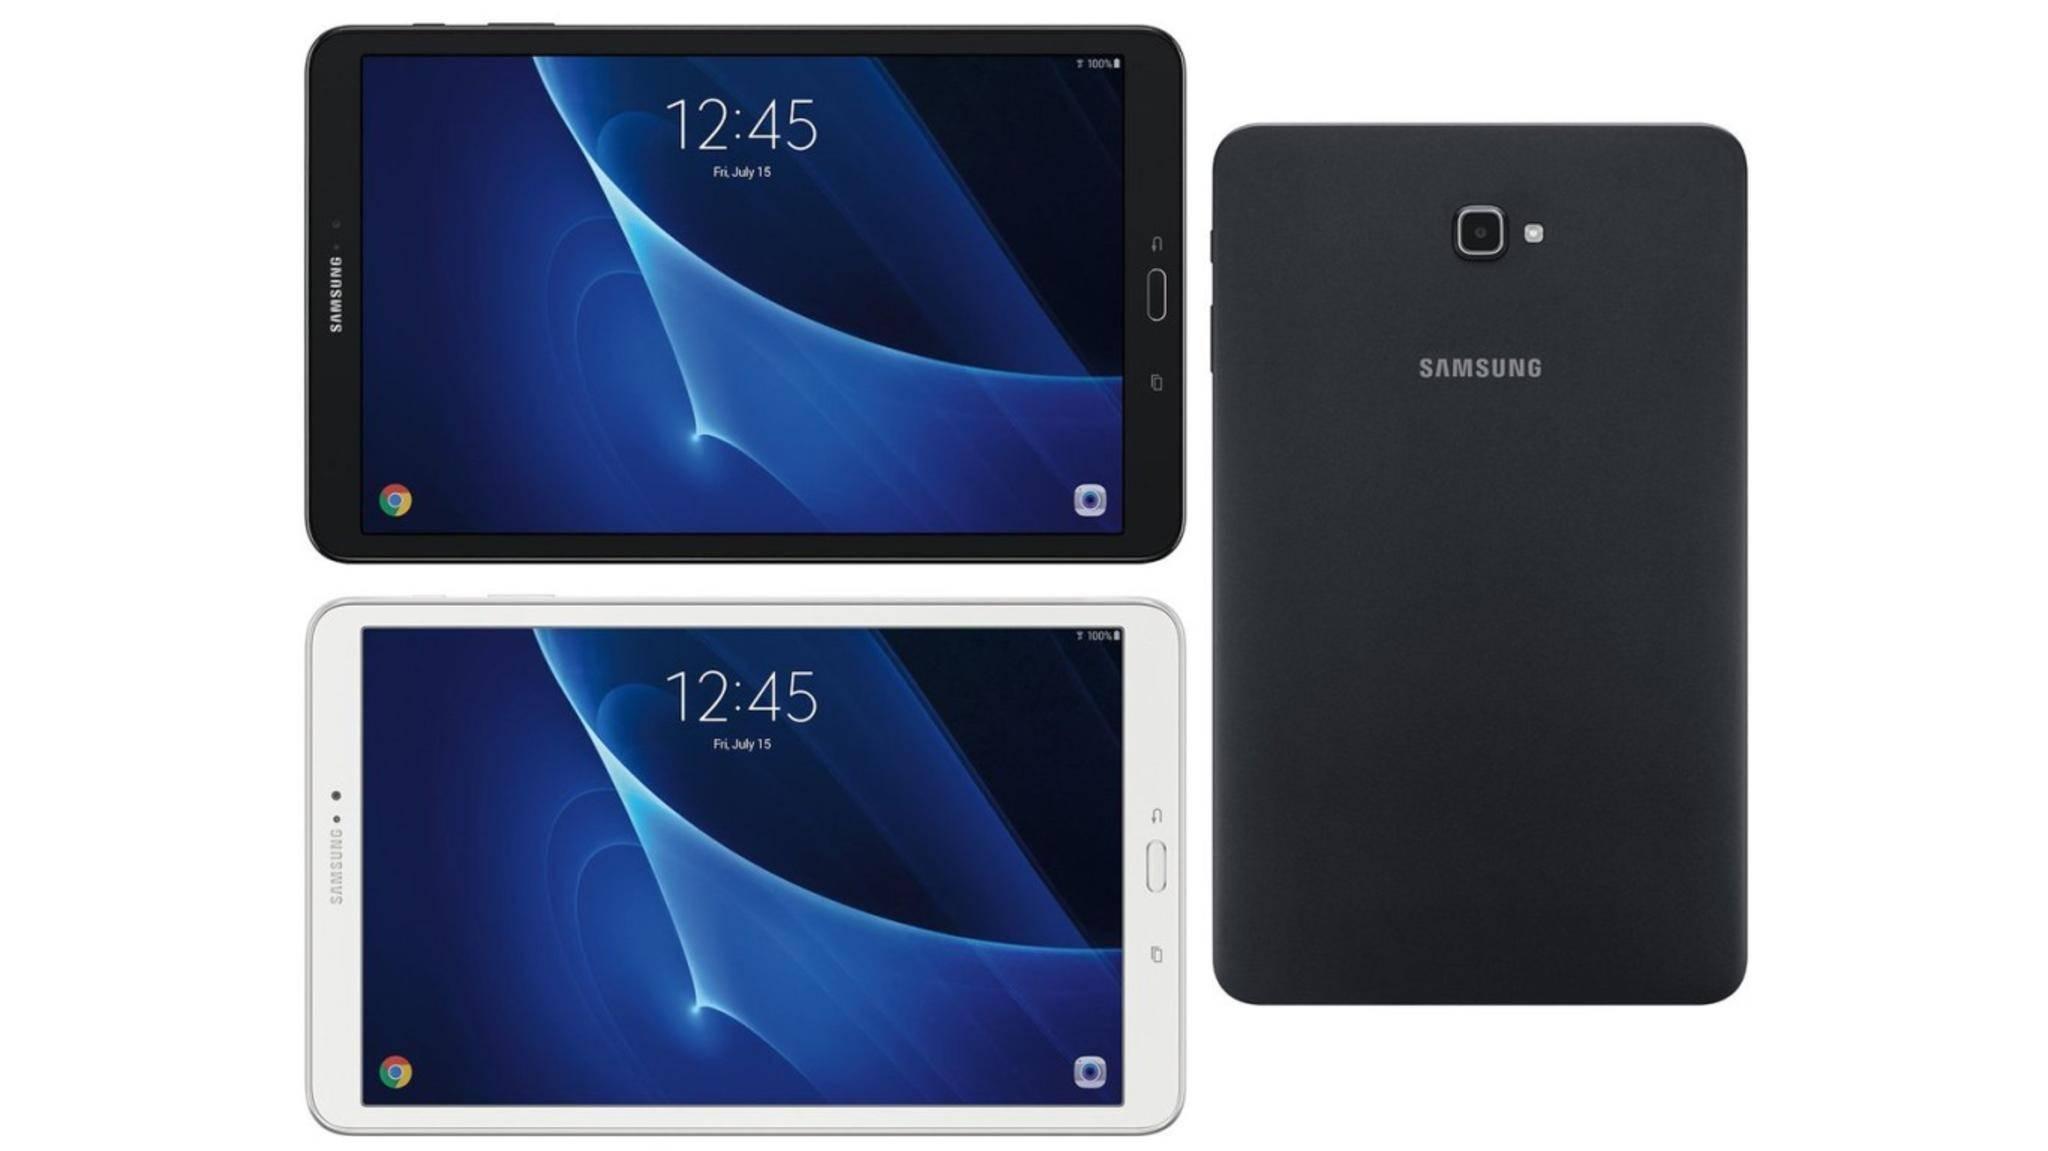 Samsung teasert vermutlich das Galaxy Tab S3 an und lädt zu seiner Pressekonferenz am 26. Februar.